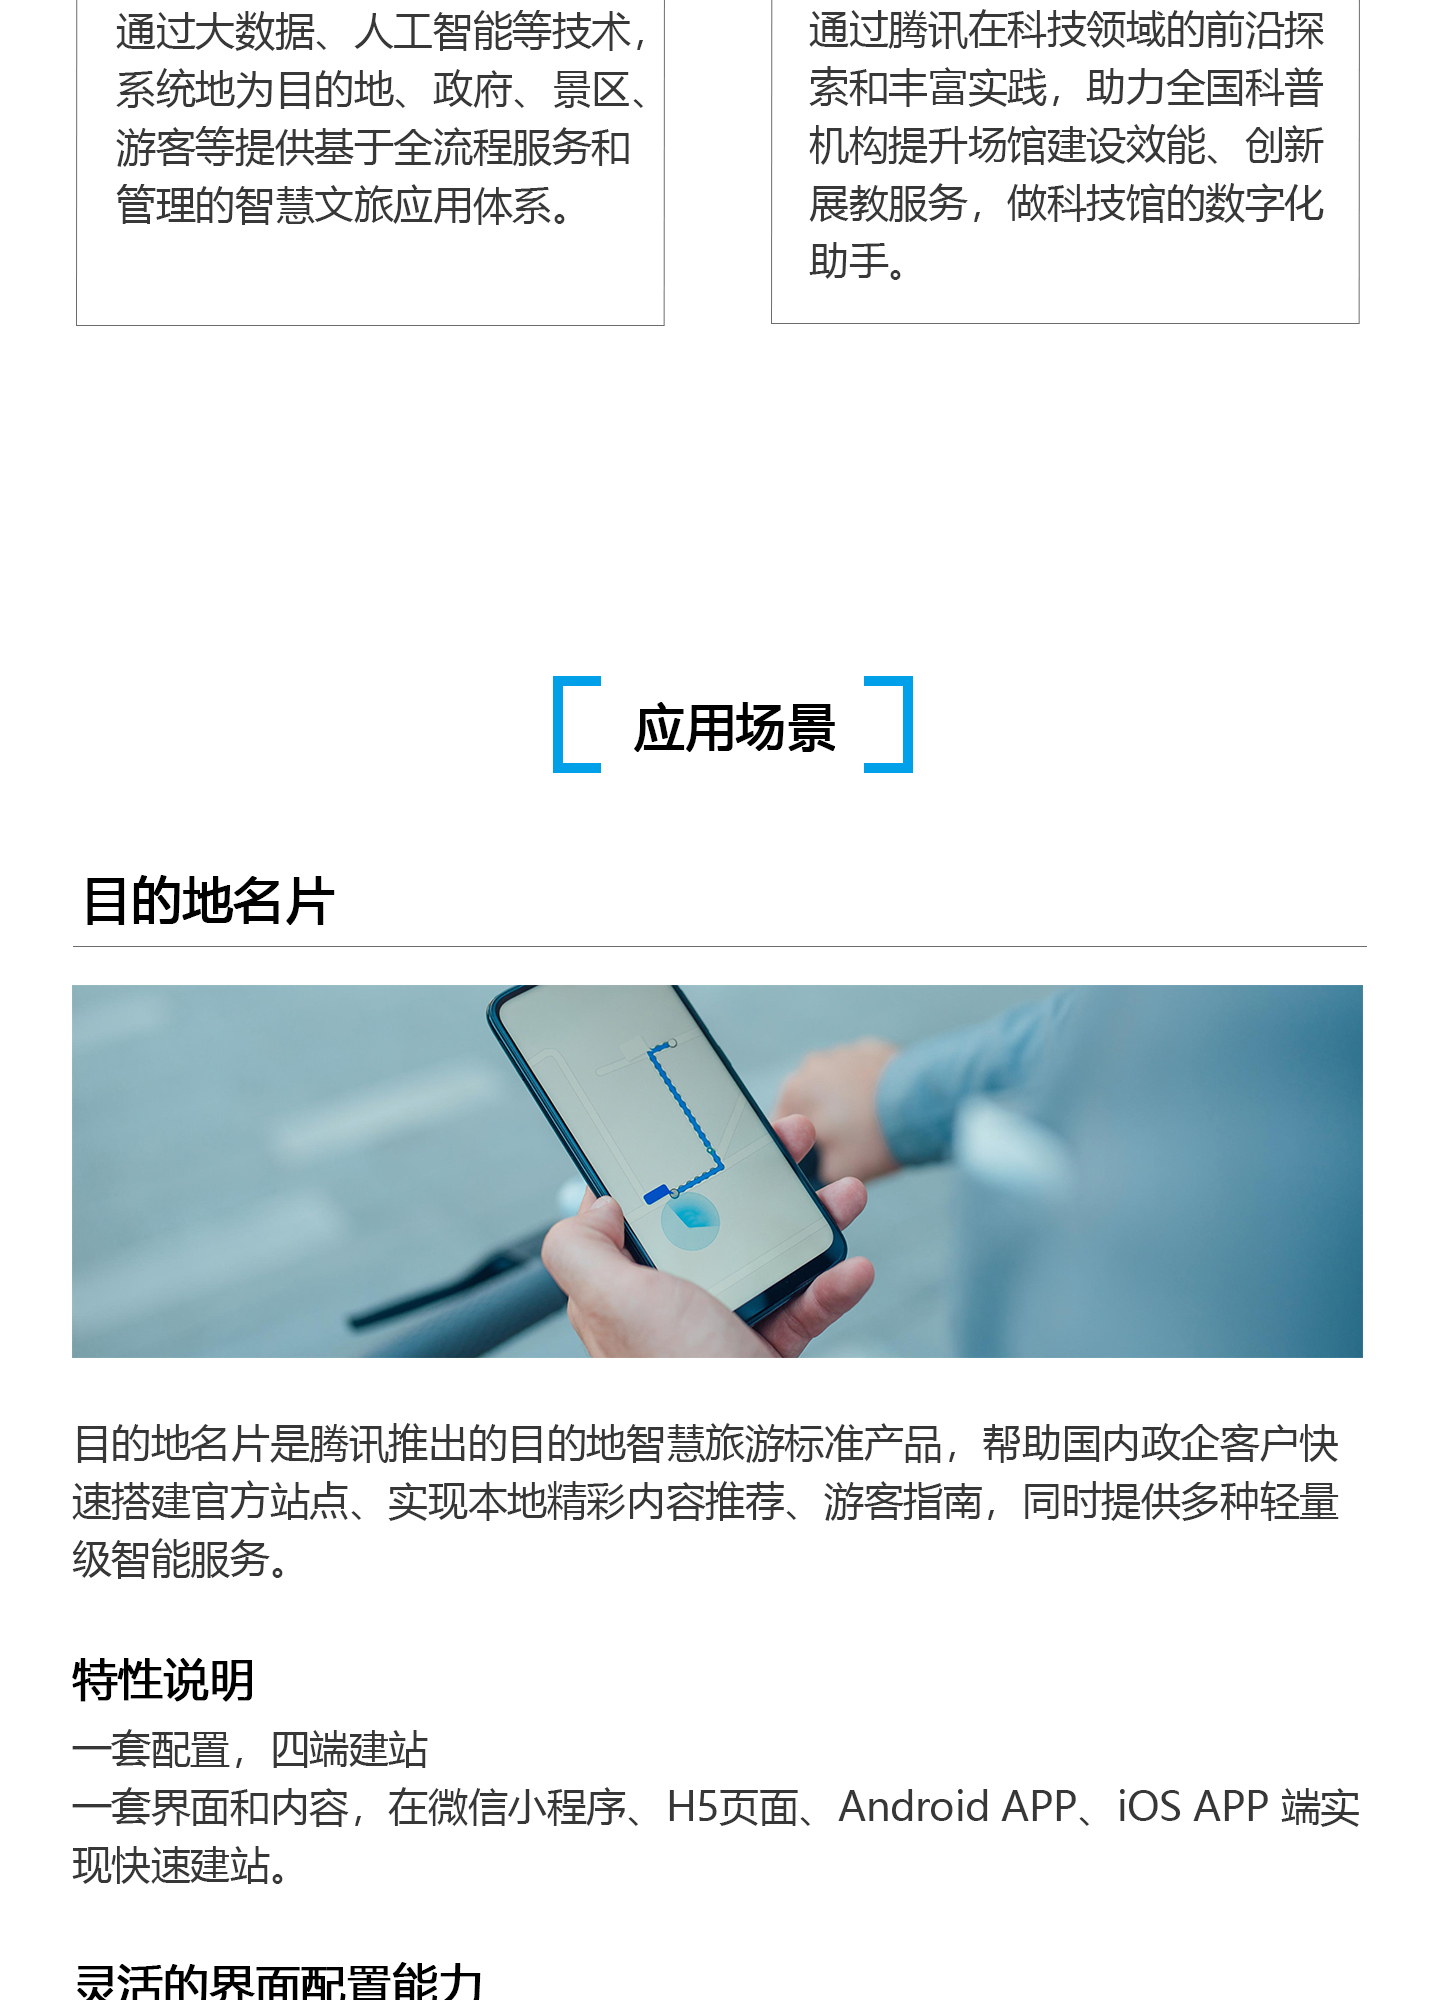 文旅行业解决方案1440_03.jpg